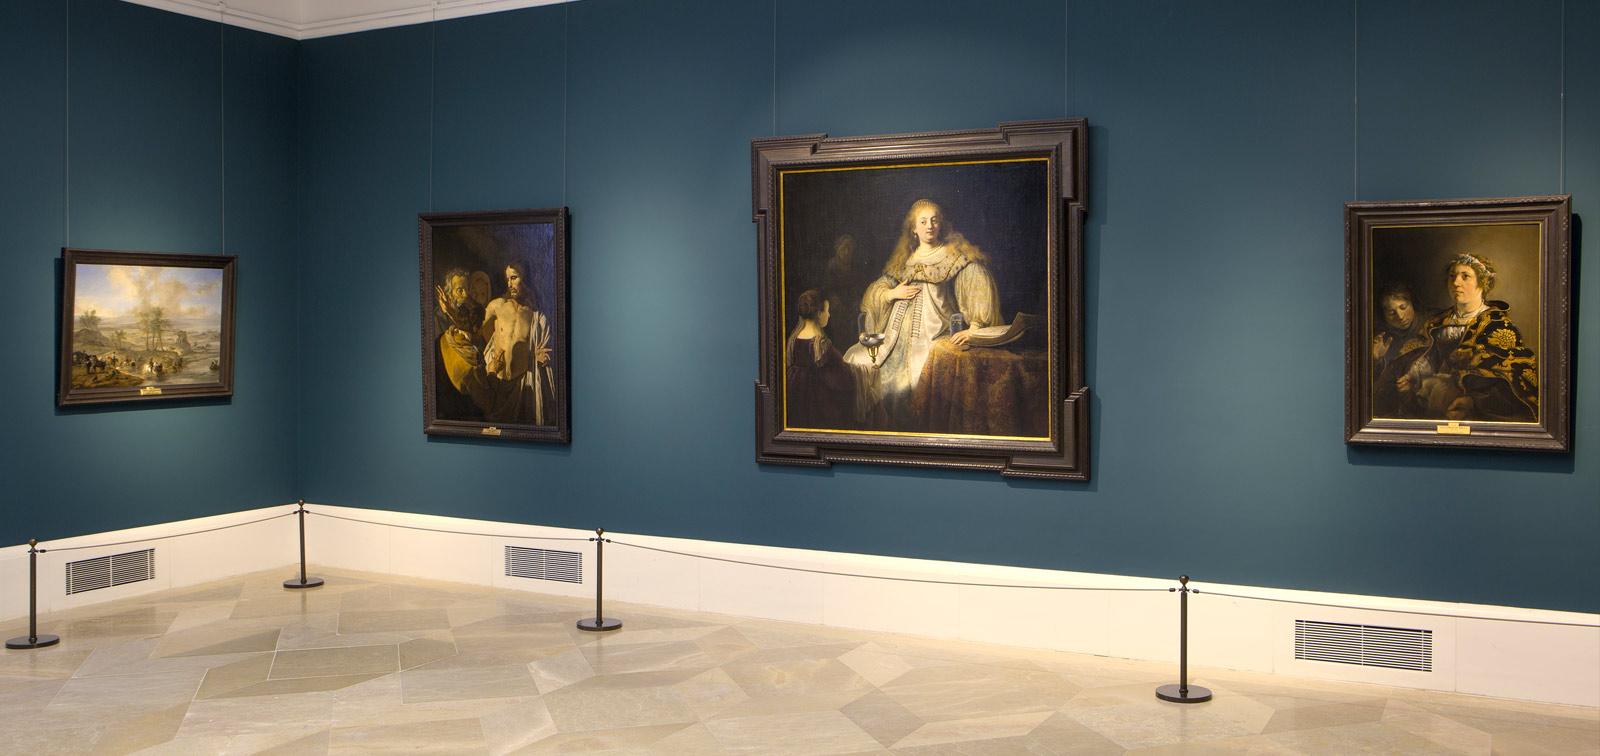 Nueva instalación de la pintura holandesa en el Museo del Prado